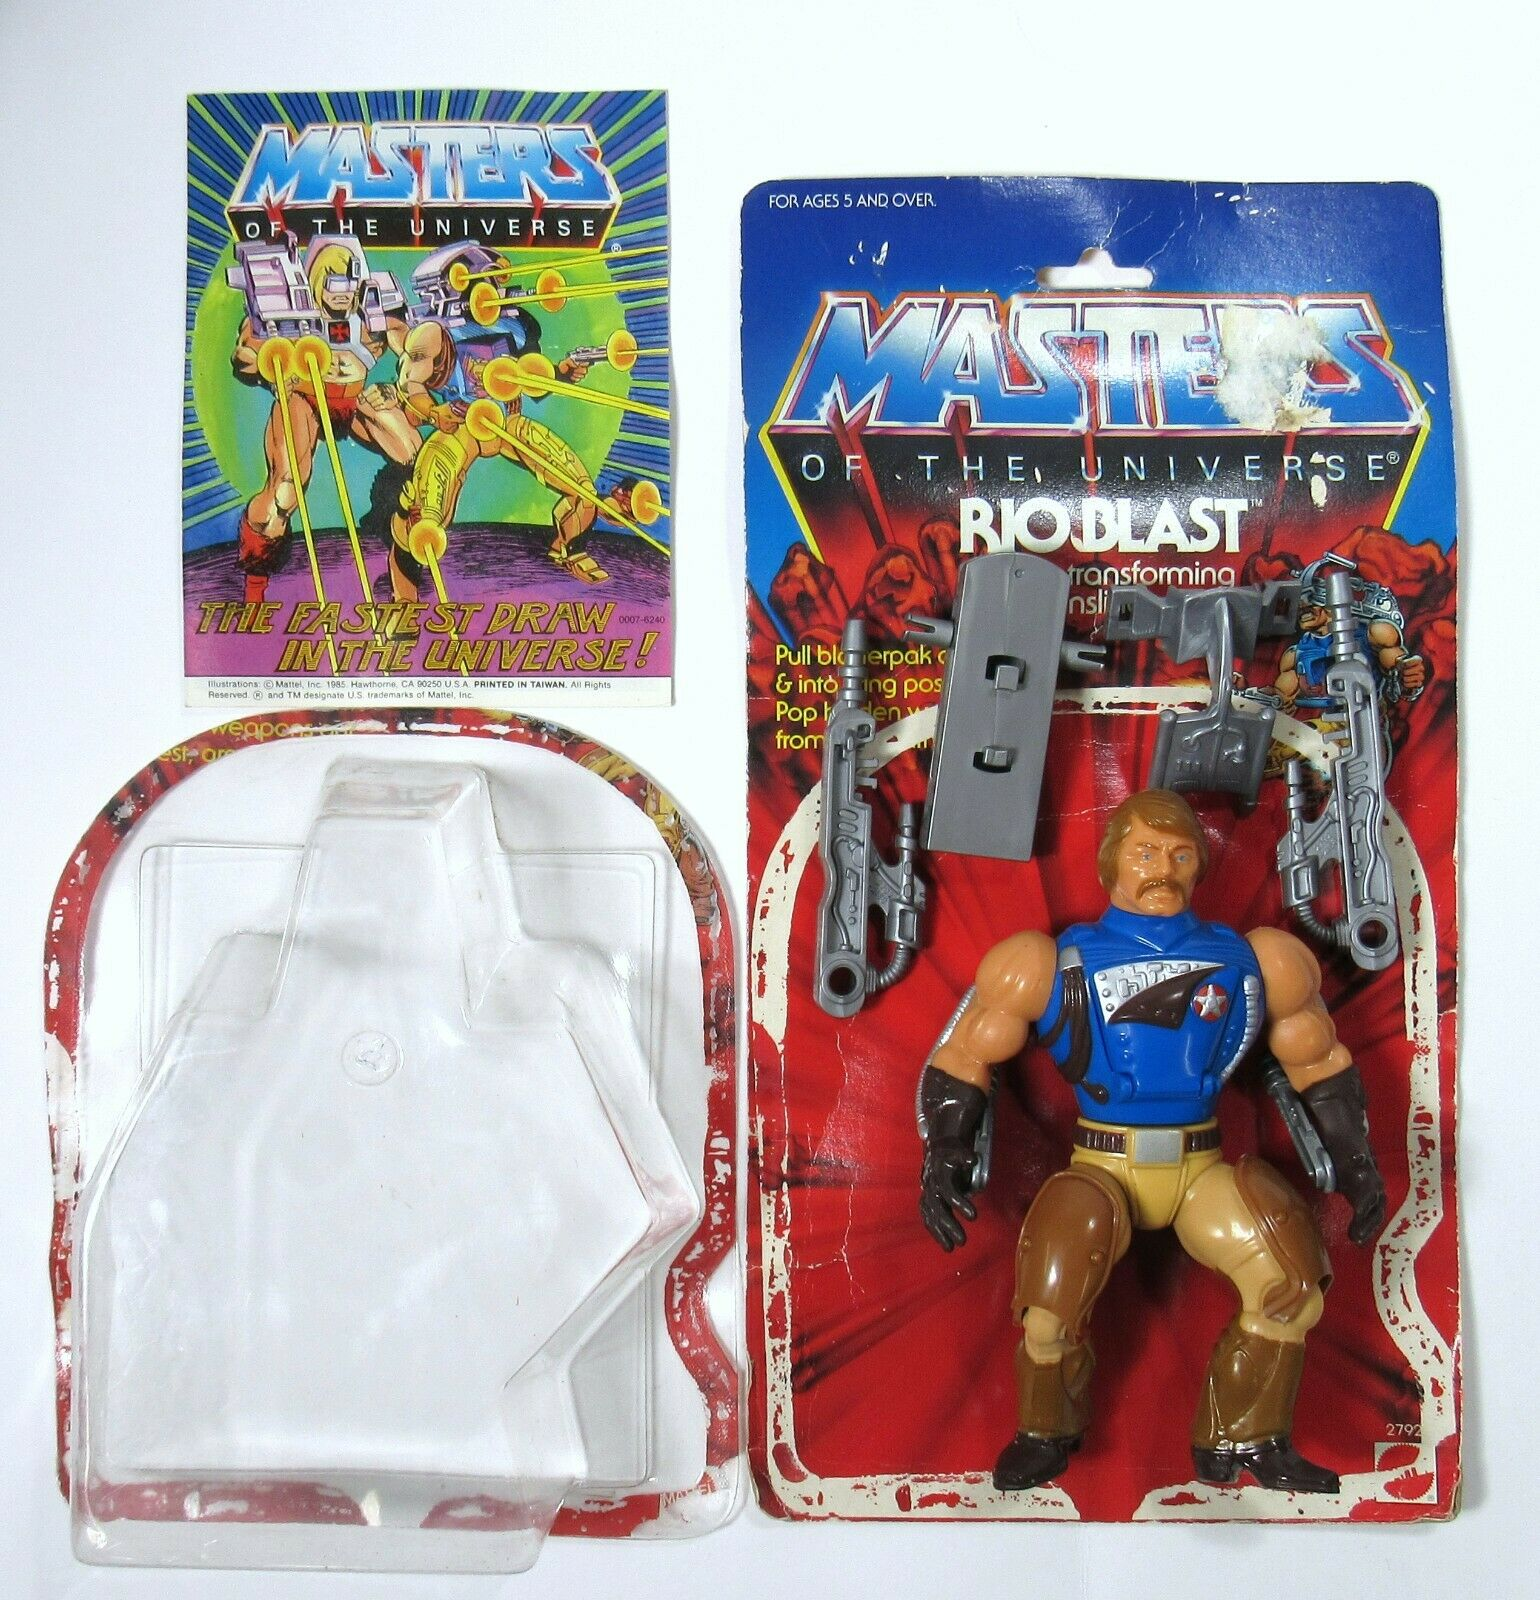 Vintage Mattel Amos del universo río blast figura y embalaje 1986